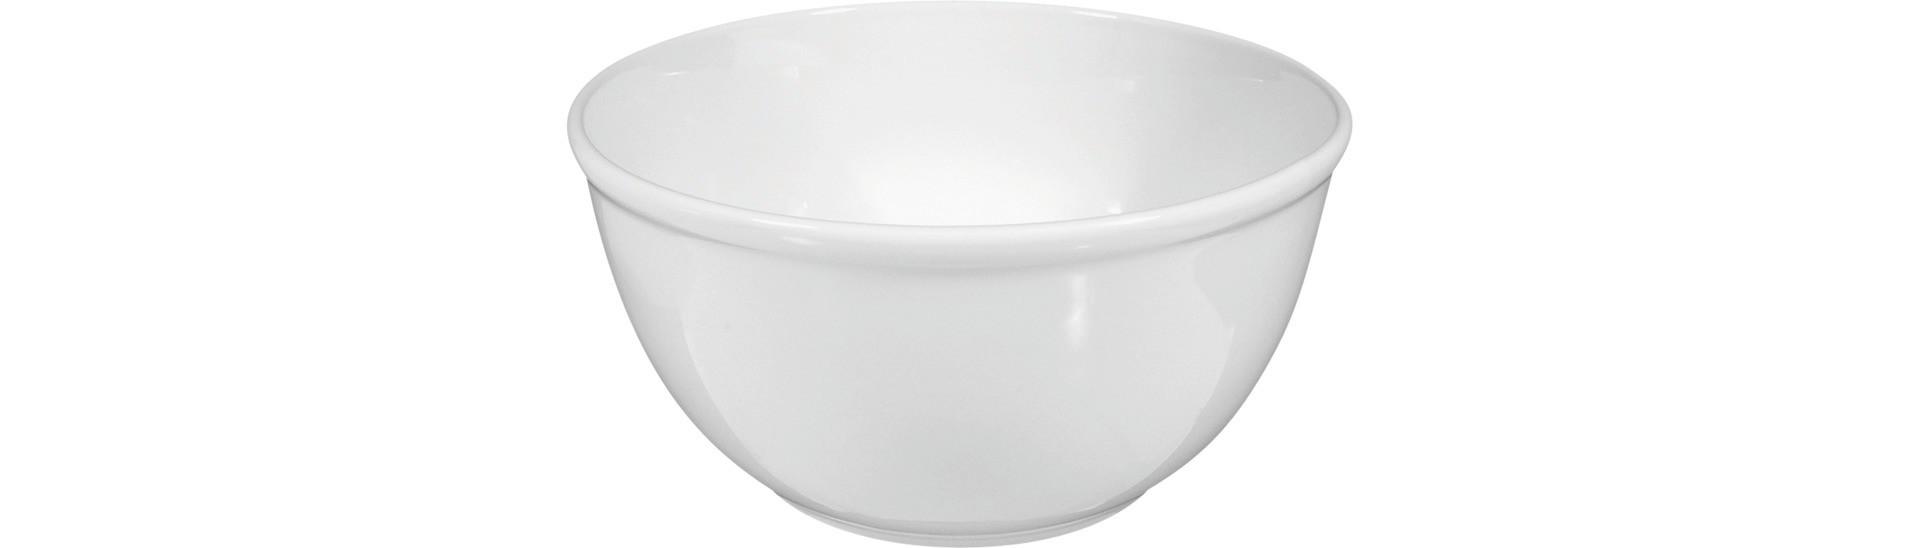 Buffet Gourmet, Salat rund ø 255 mm / 4,00 l